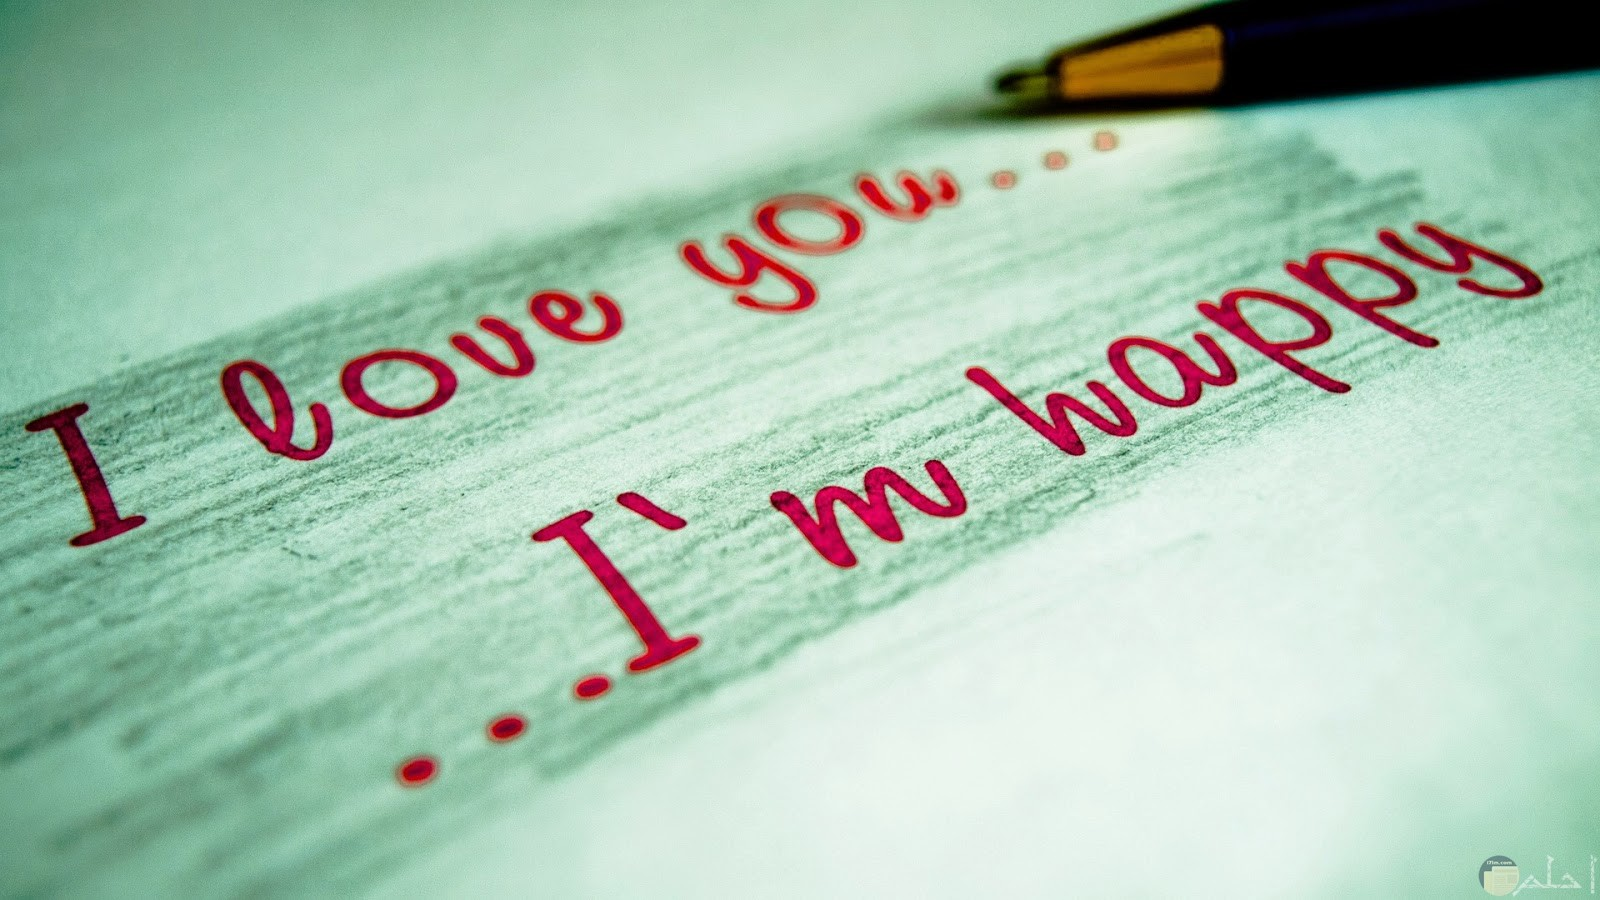 أحبك ... أنا سعيد.